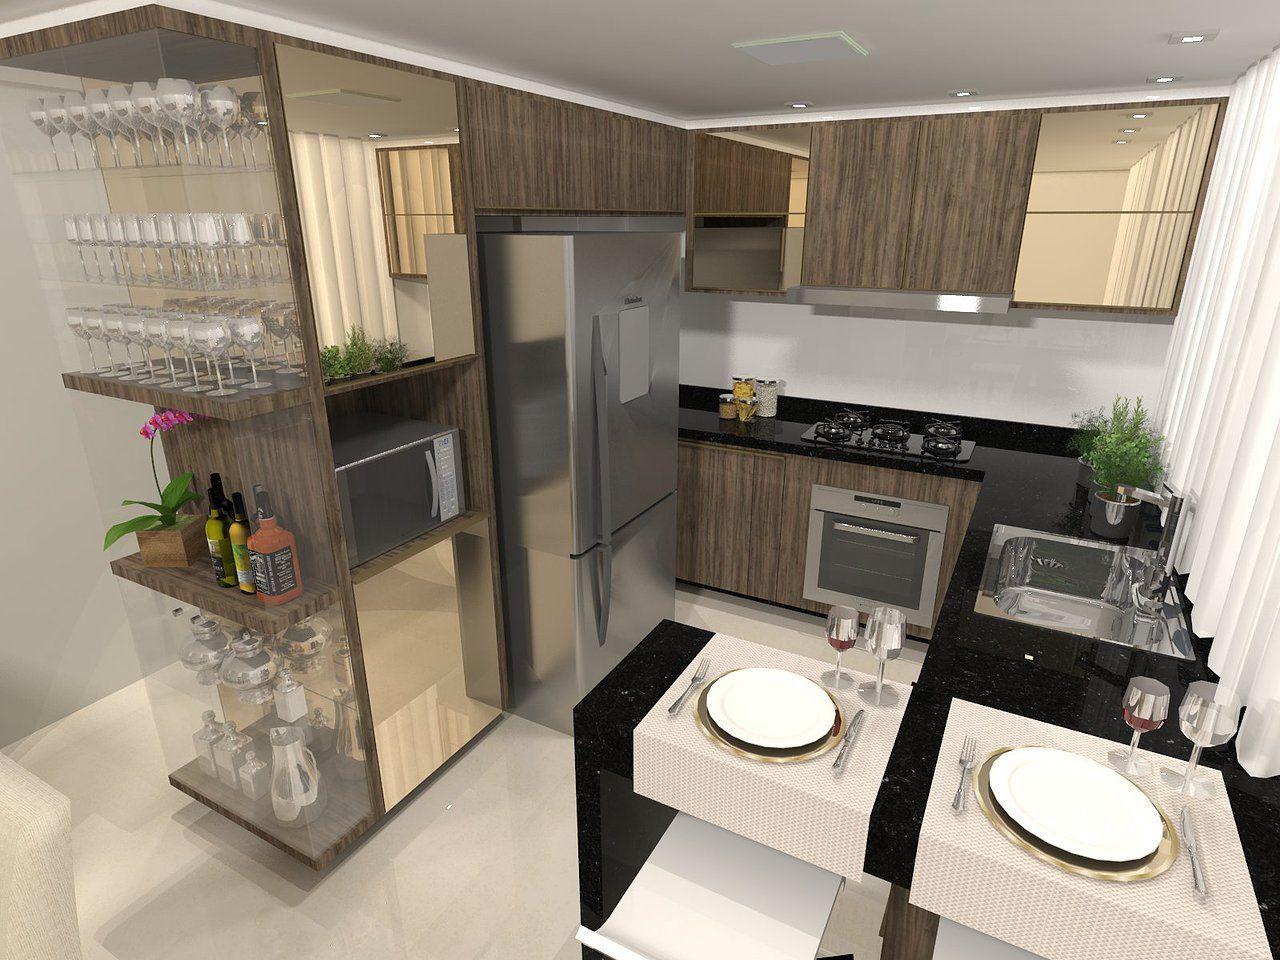 Projeto Para Cozinha Com Cristaleira E Vidro Reflexivo Reflecta